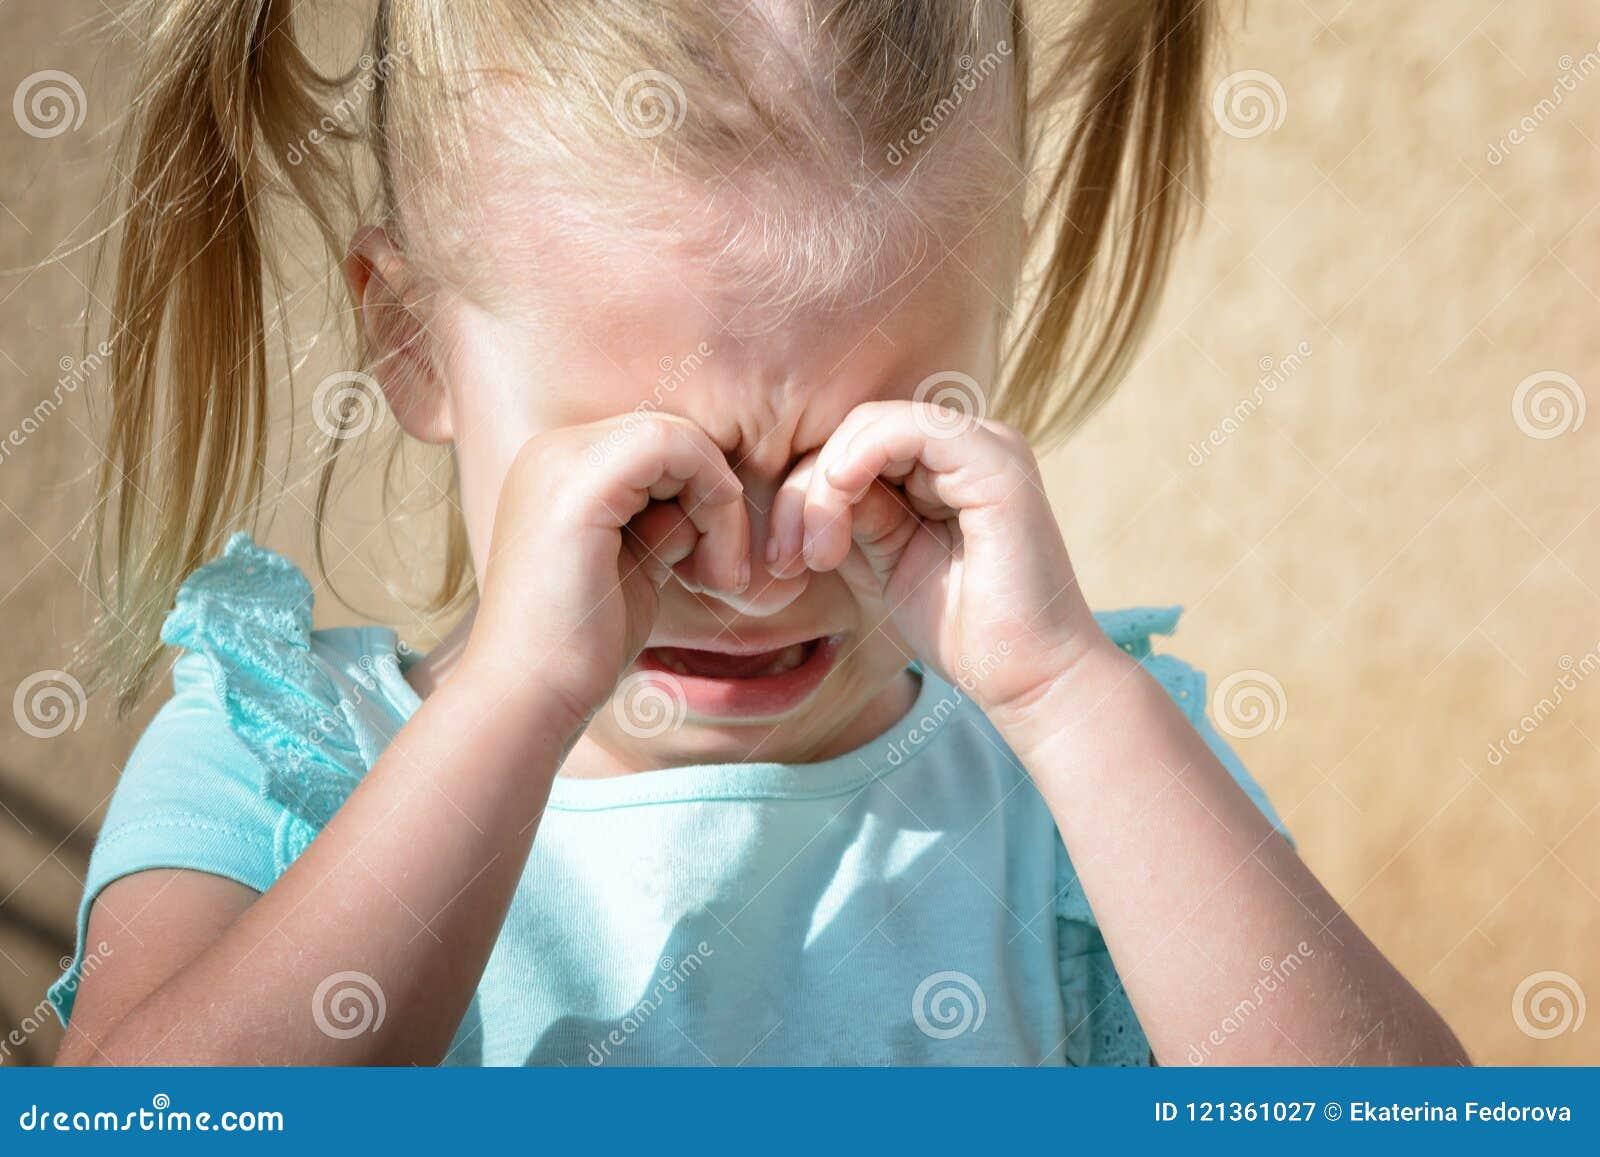 一个小女孩是哭泣和摩擦她的眼睛用她的手 儿童` s歇斯底里